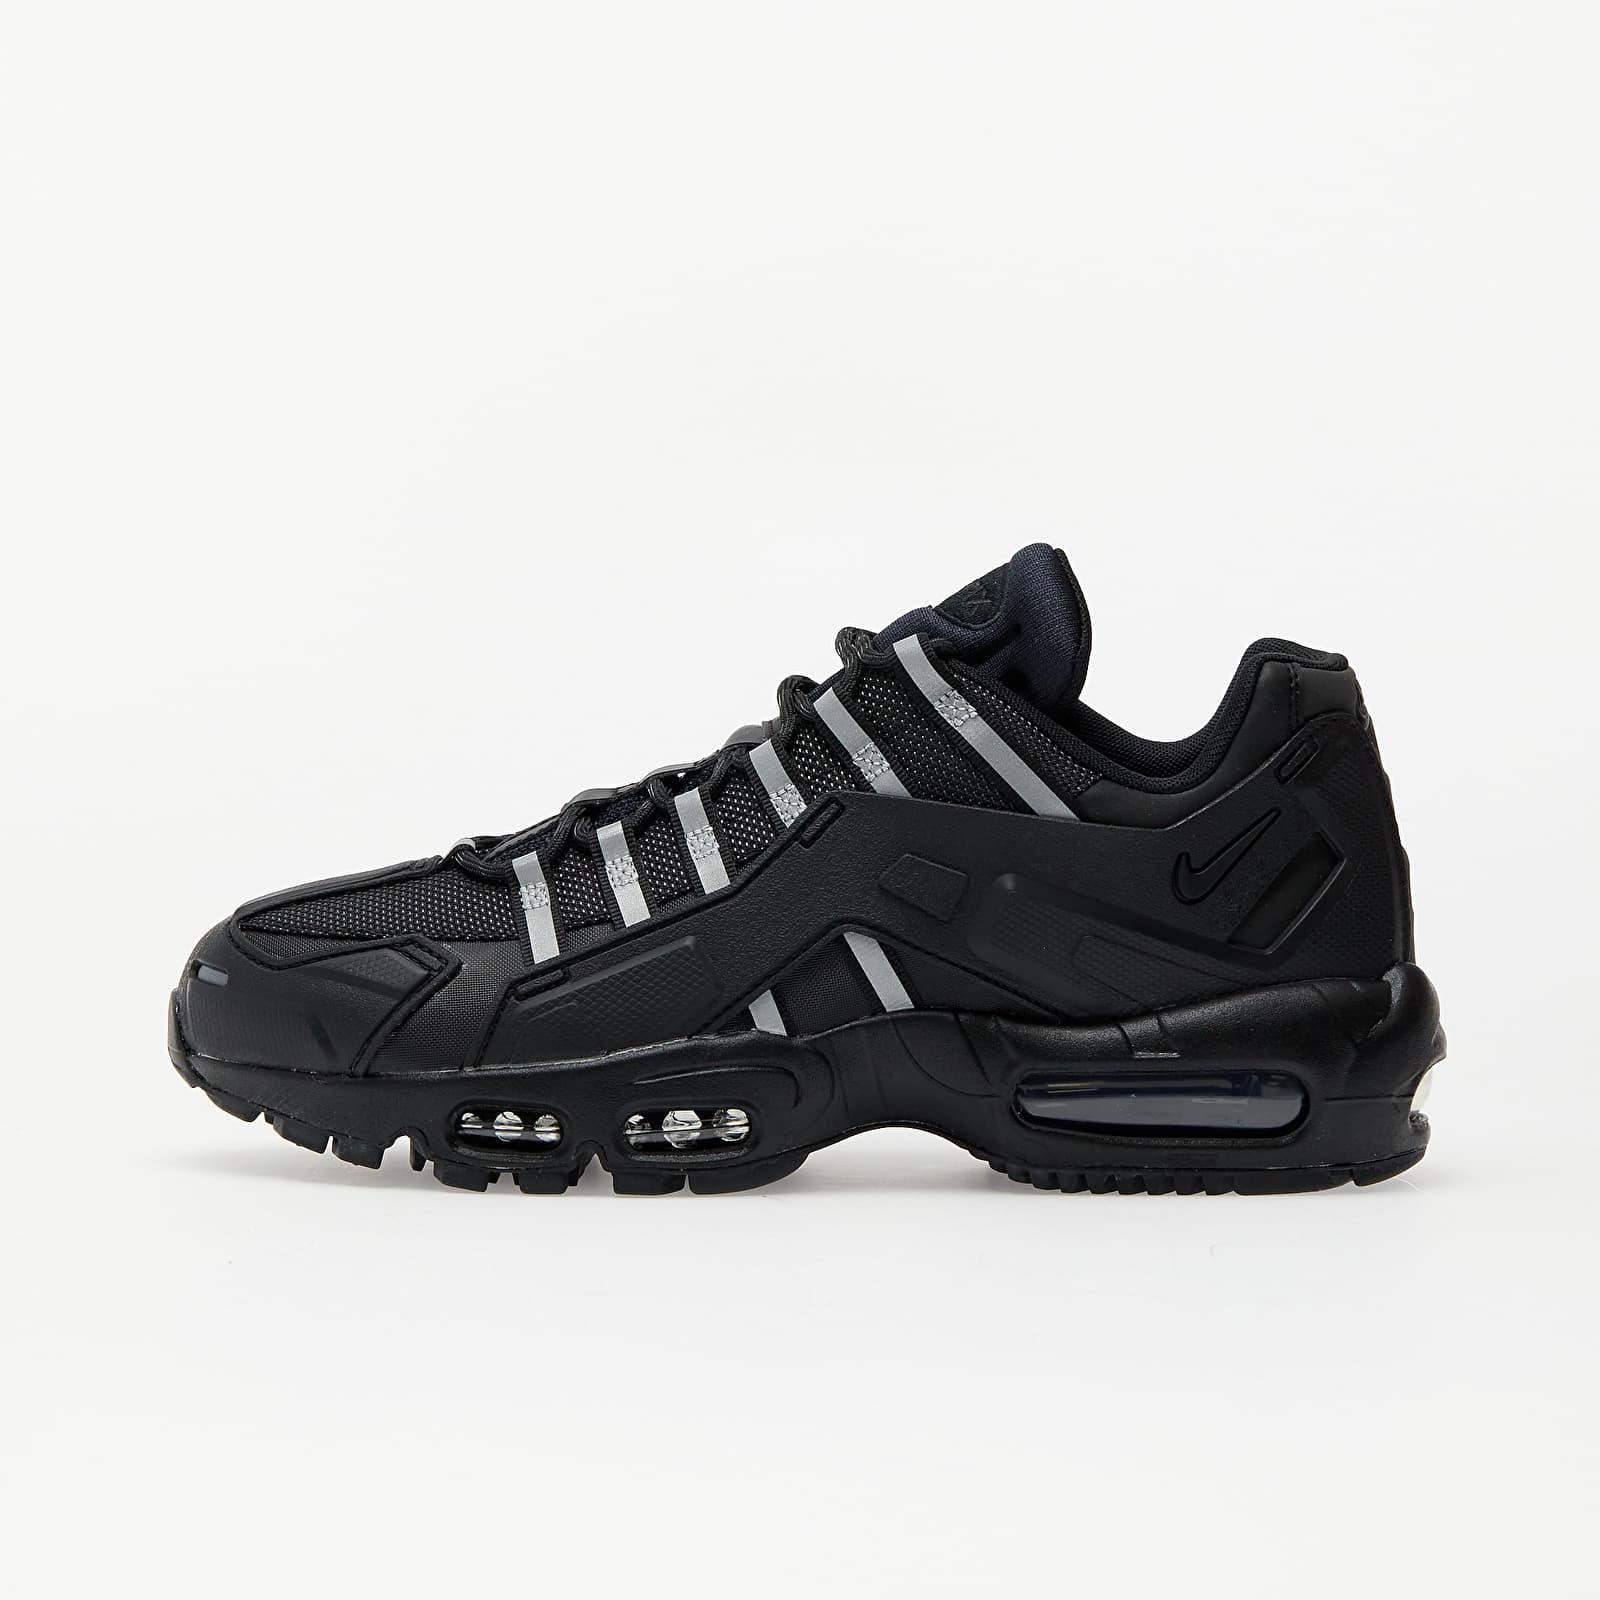 Nike Air Max 95 Ndstrkt Black/ Black-Black EUR 45